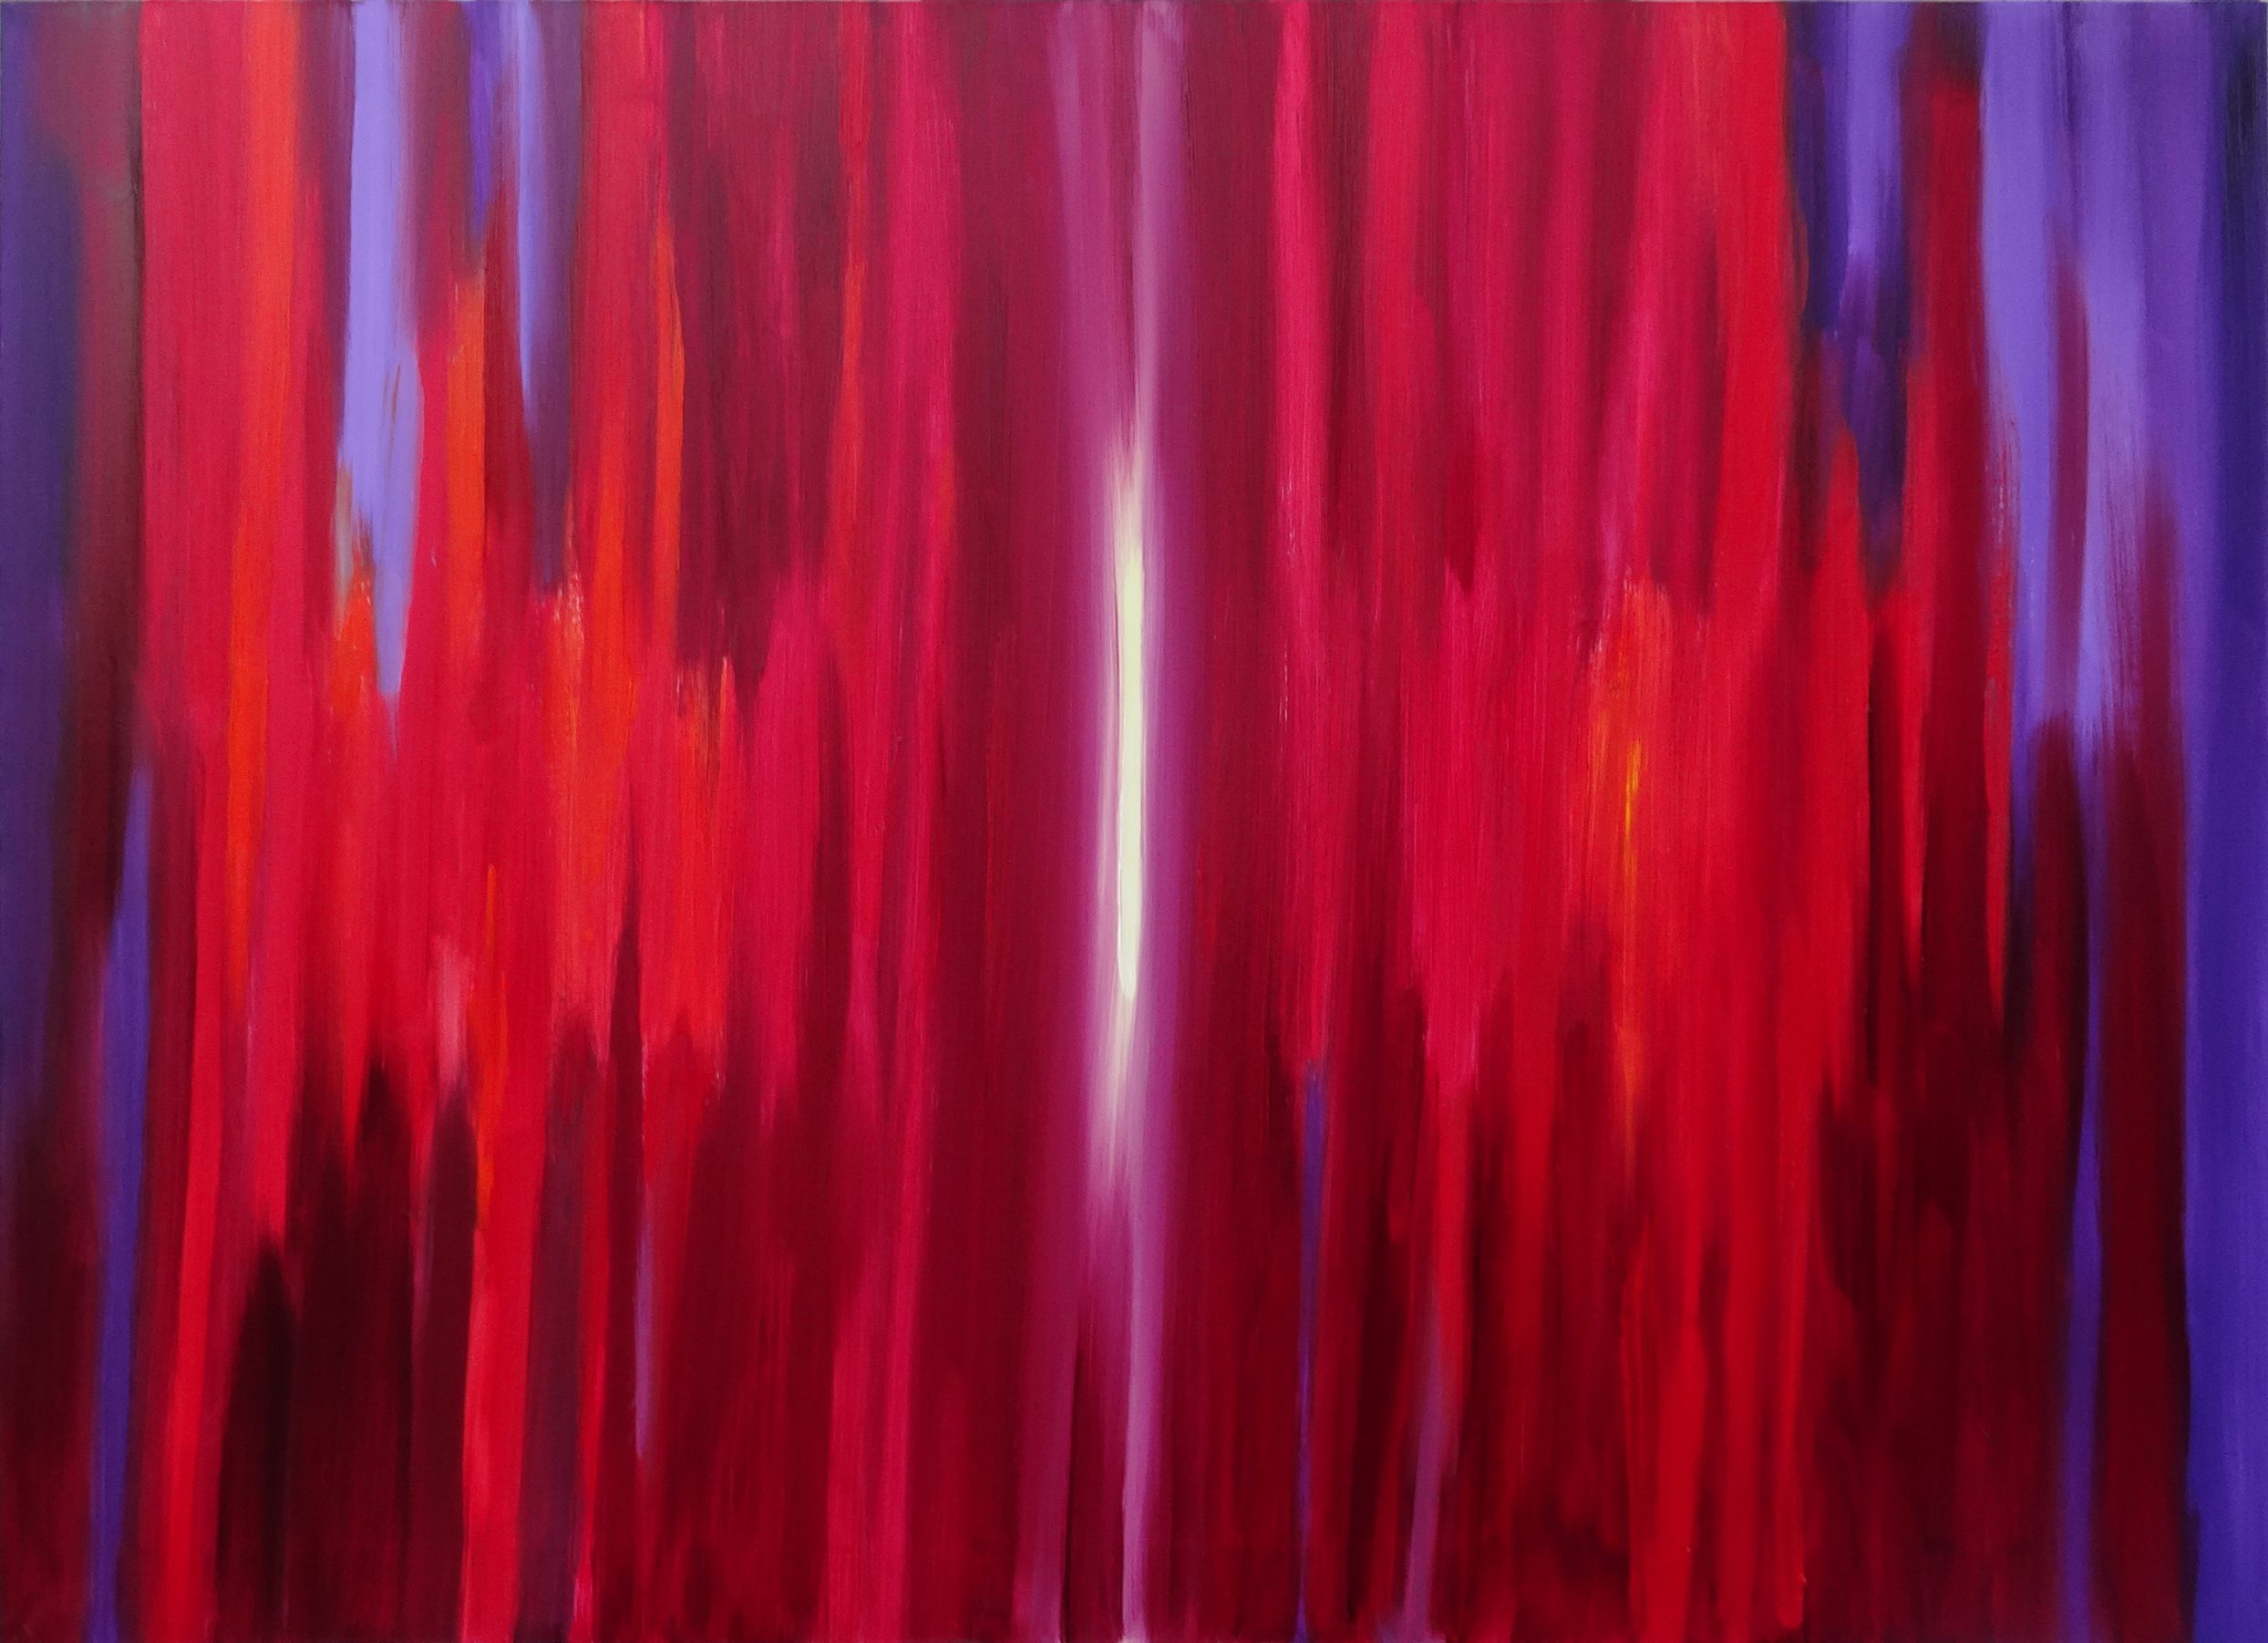 obraz abstrakcyjny, barwy czerwono fioletowe